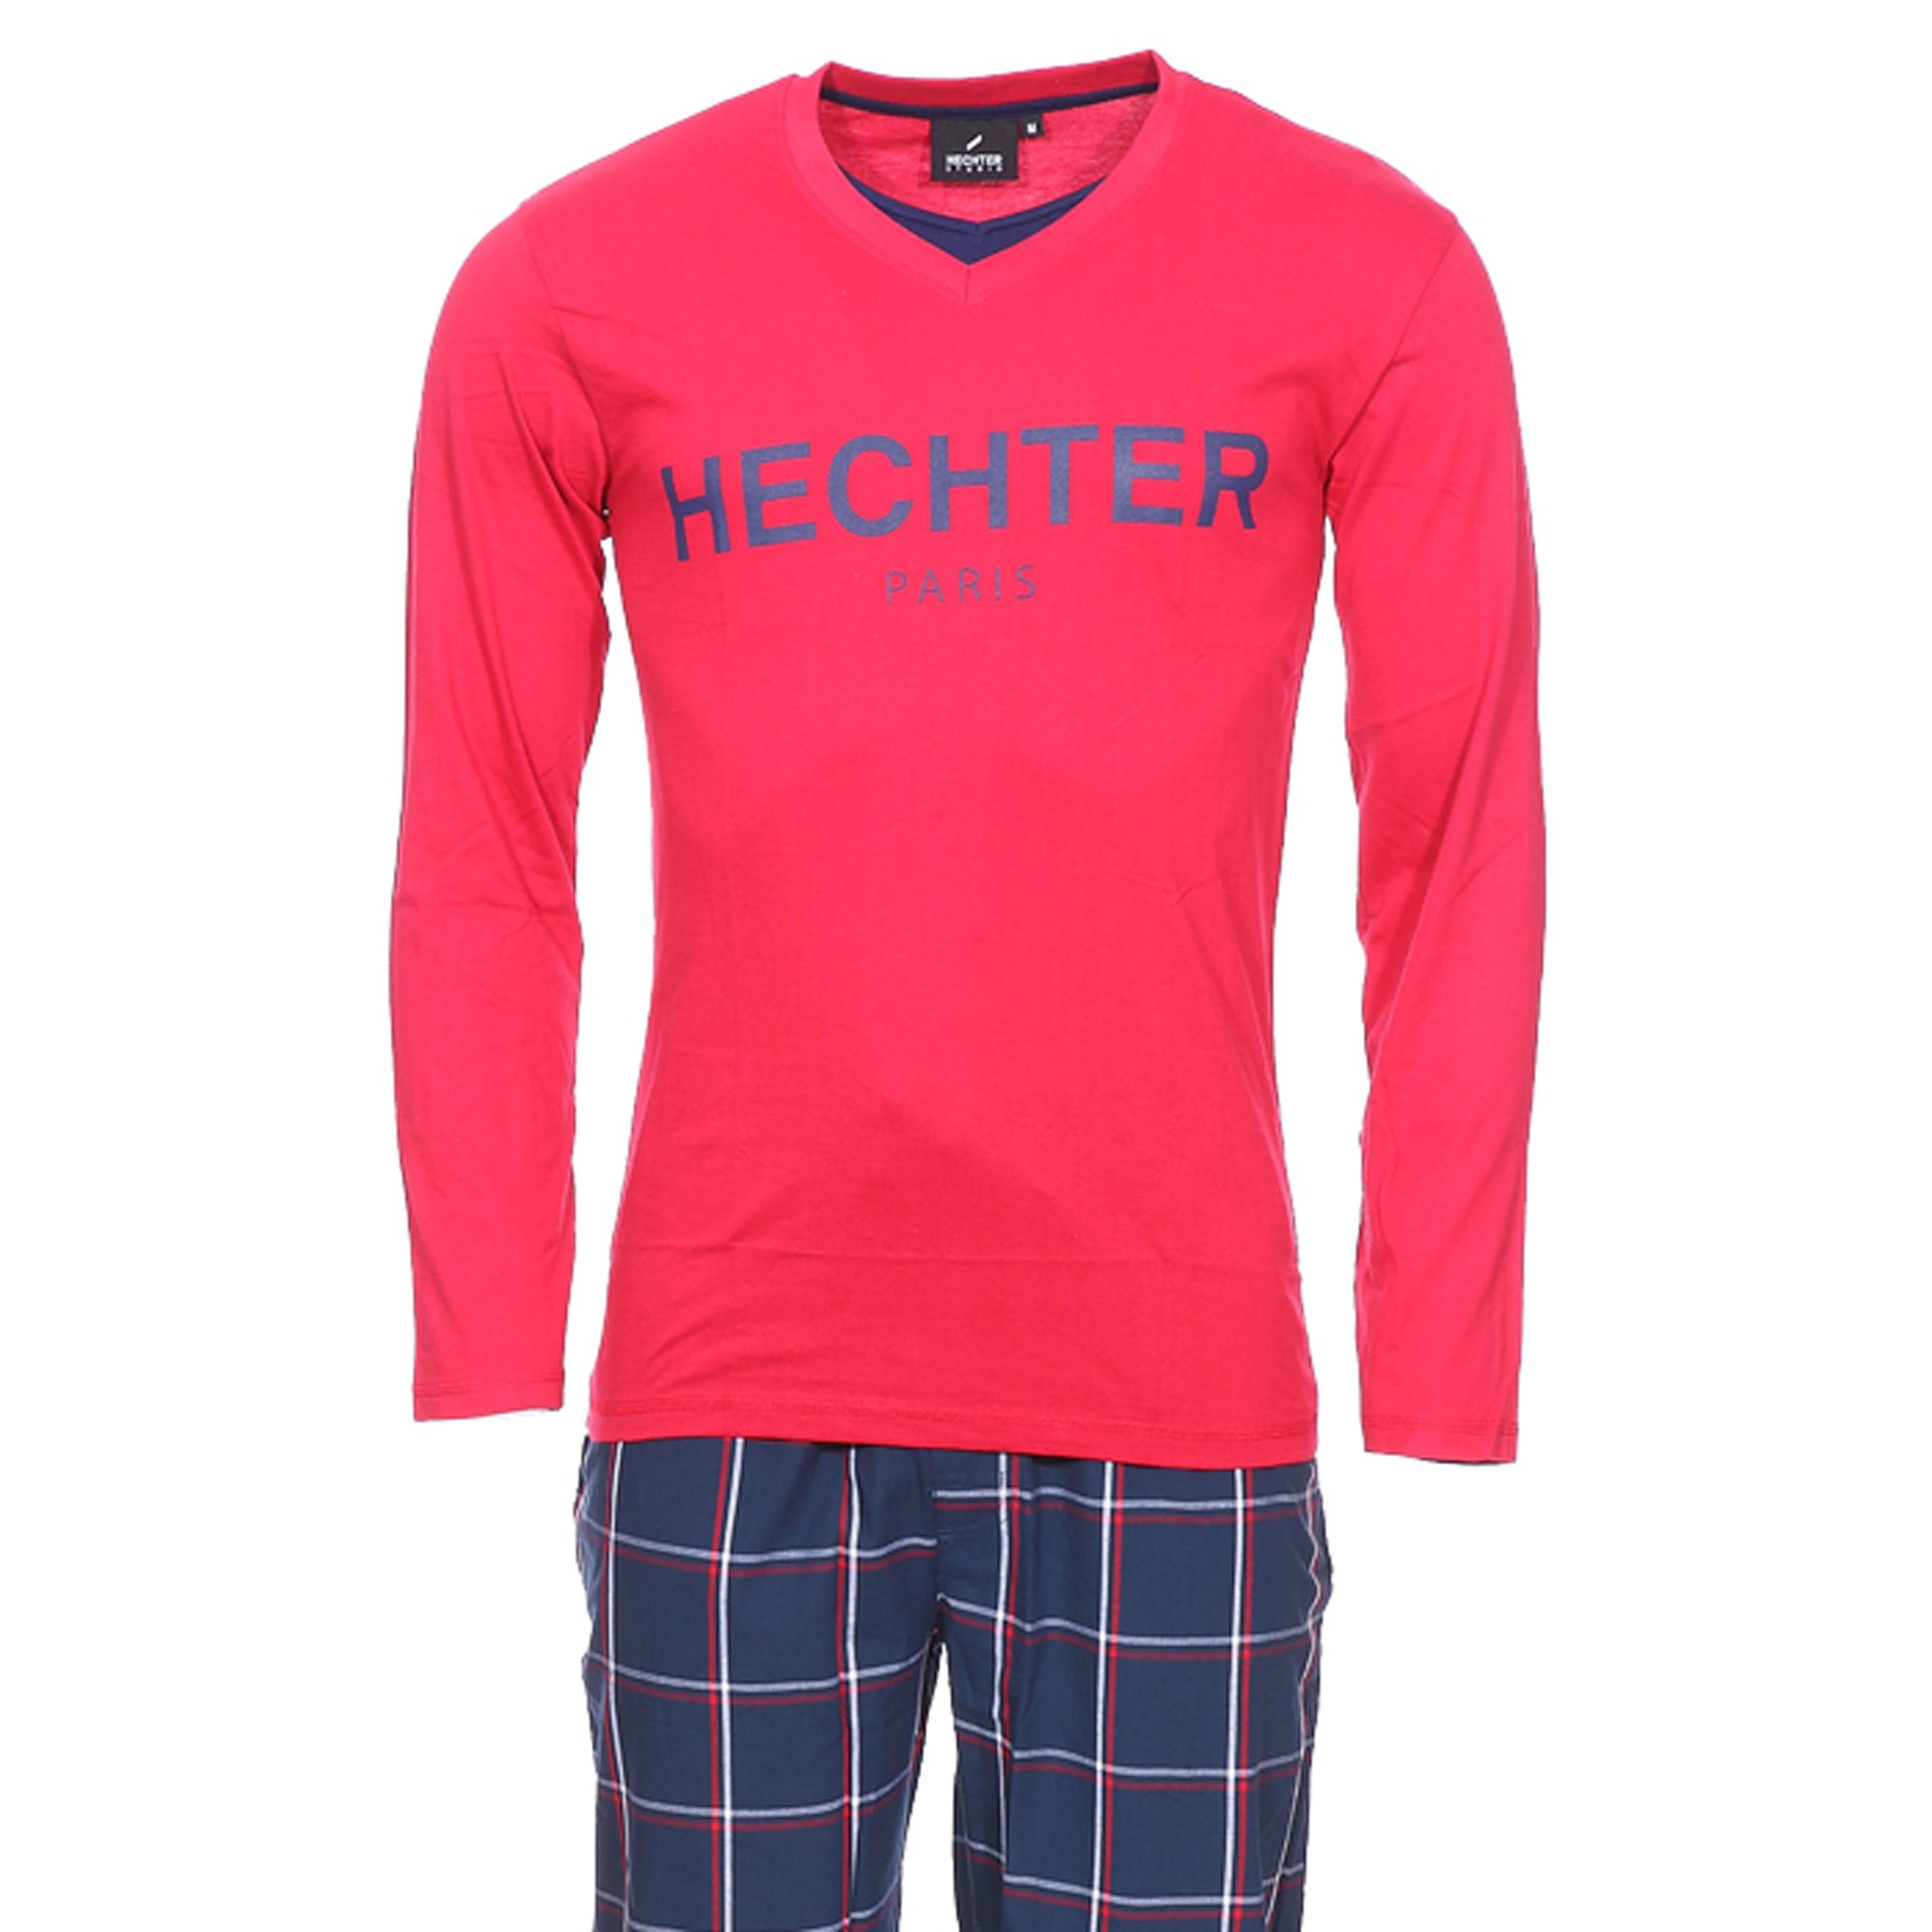 Pyjama long Hechter Studio Party en coton : tee-shirt manches longues à double col V en jersey rouge et pantalon en popeline bleu marine à carreaux